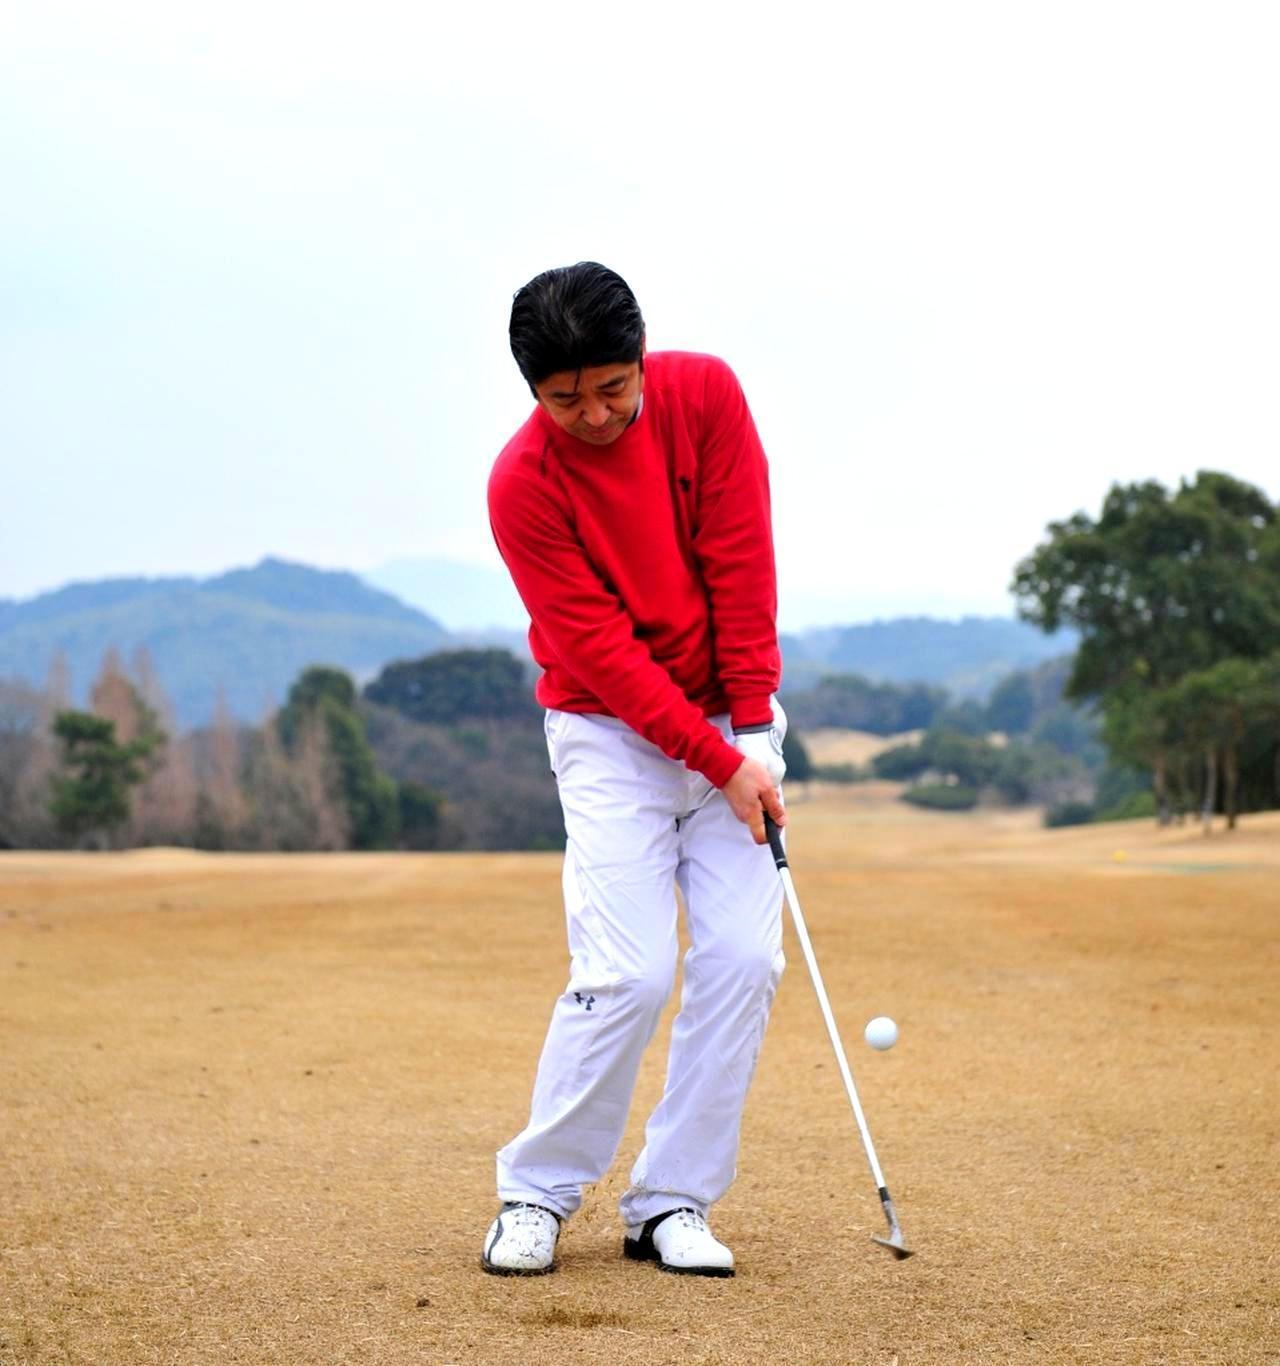 画像3: 【通勤GD】伊澤利光「イザワの法則」Vol.12 大学を辞めてプロを目指した理由 ゴルフダイジェストWEB